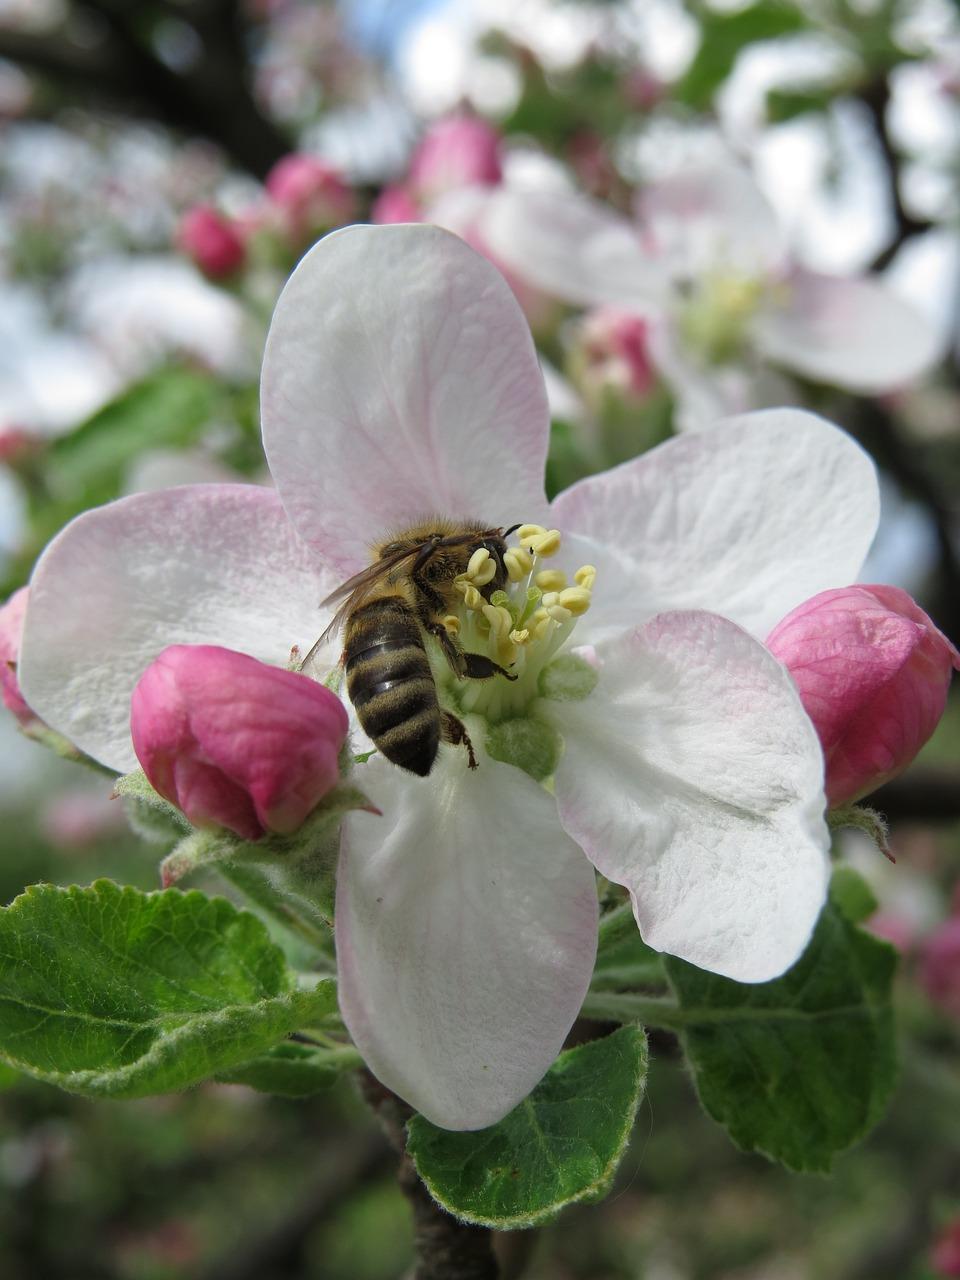 средних картинка пчела на цветке яблони ранних советов